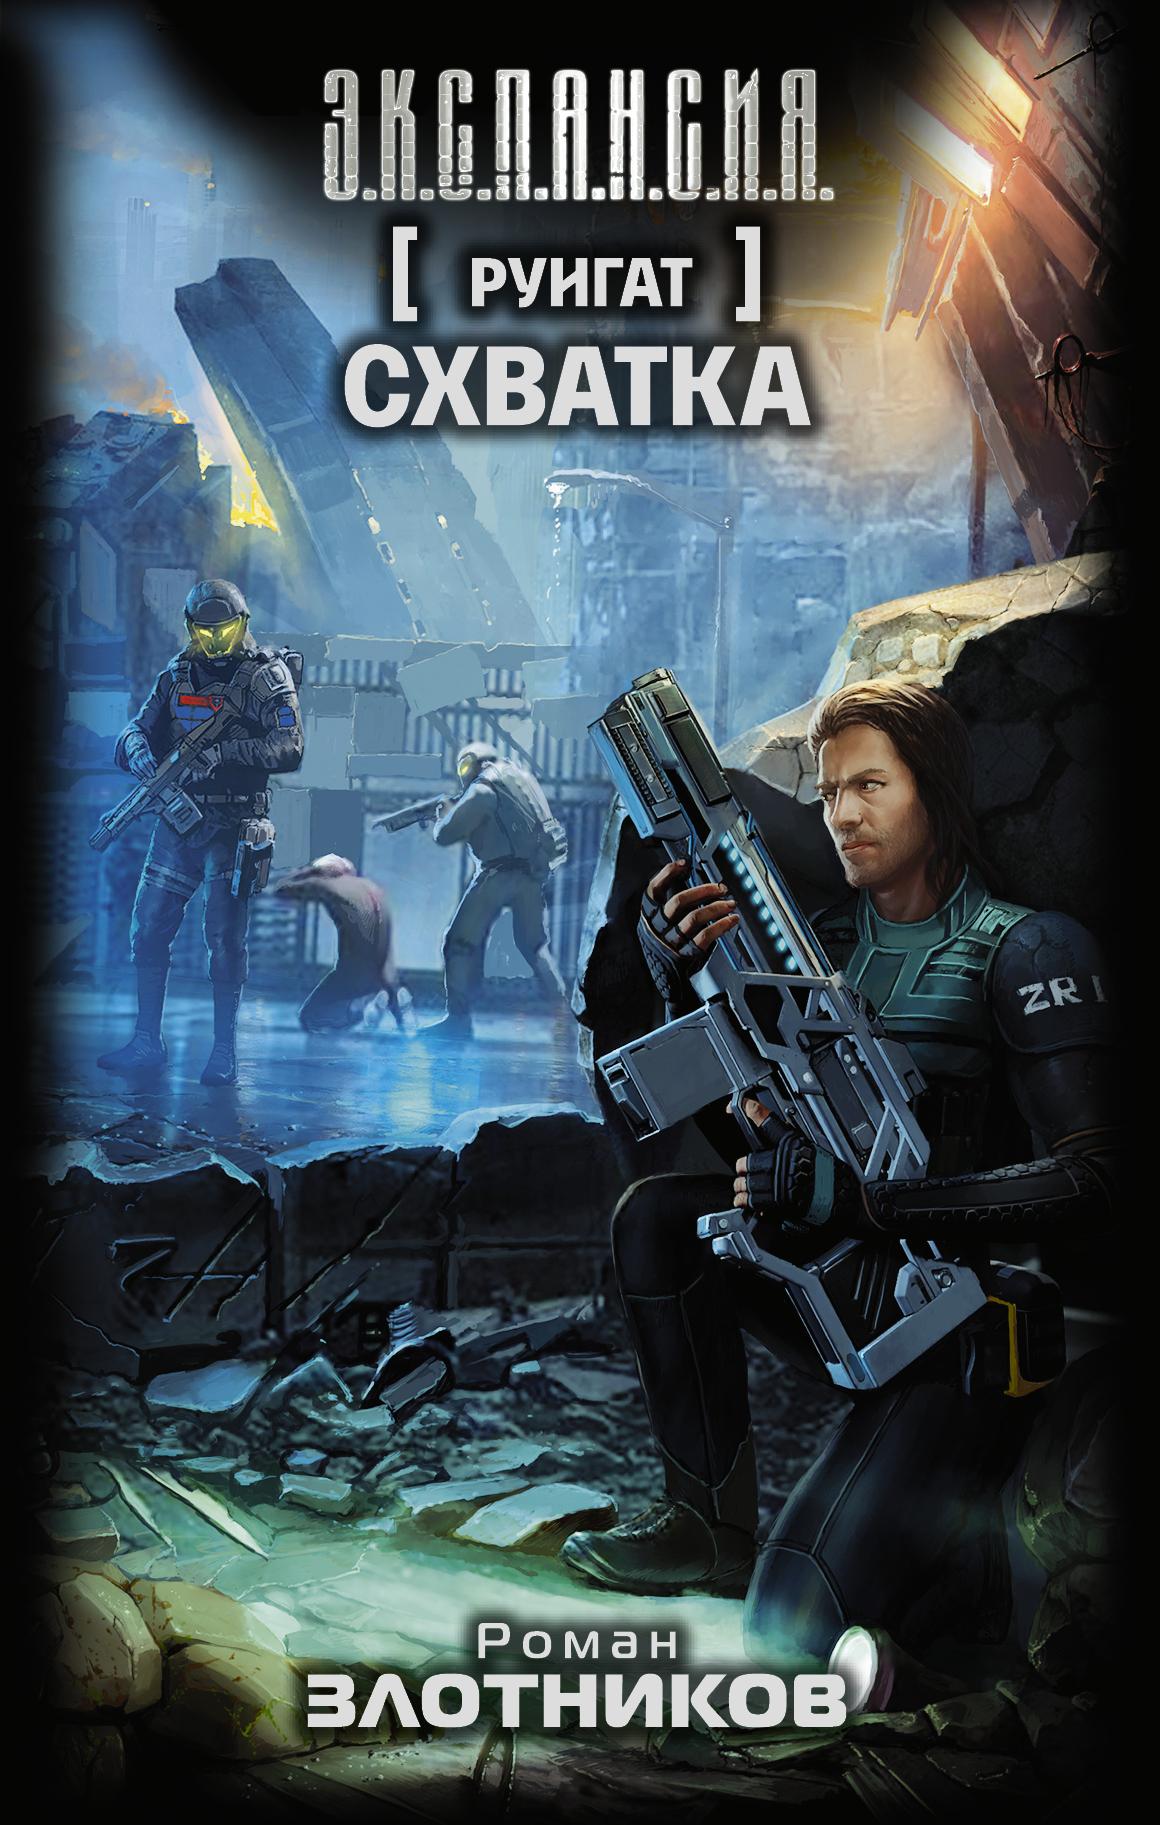 Роман Злотников Руигат. Схватка цена